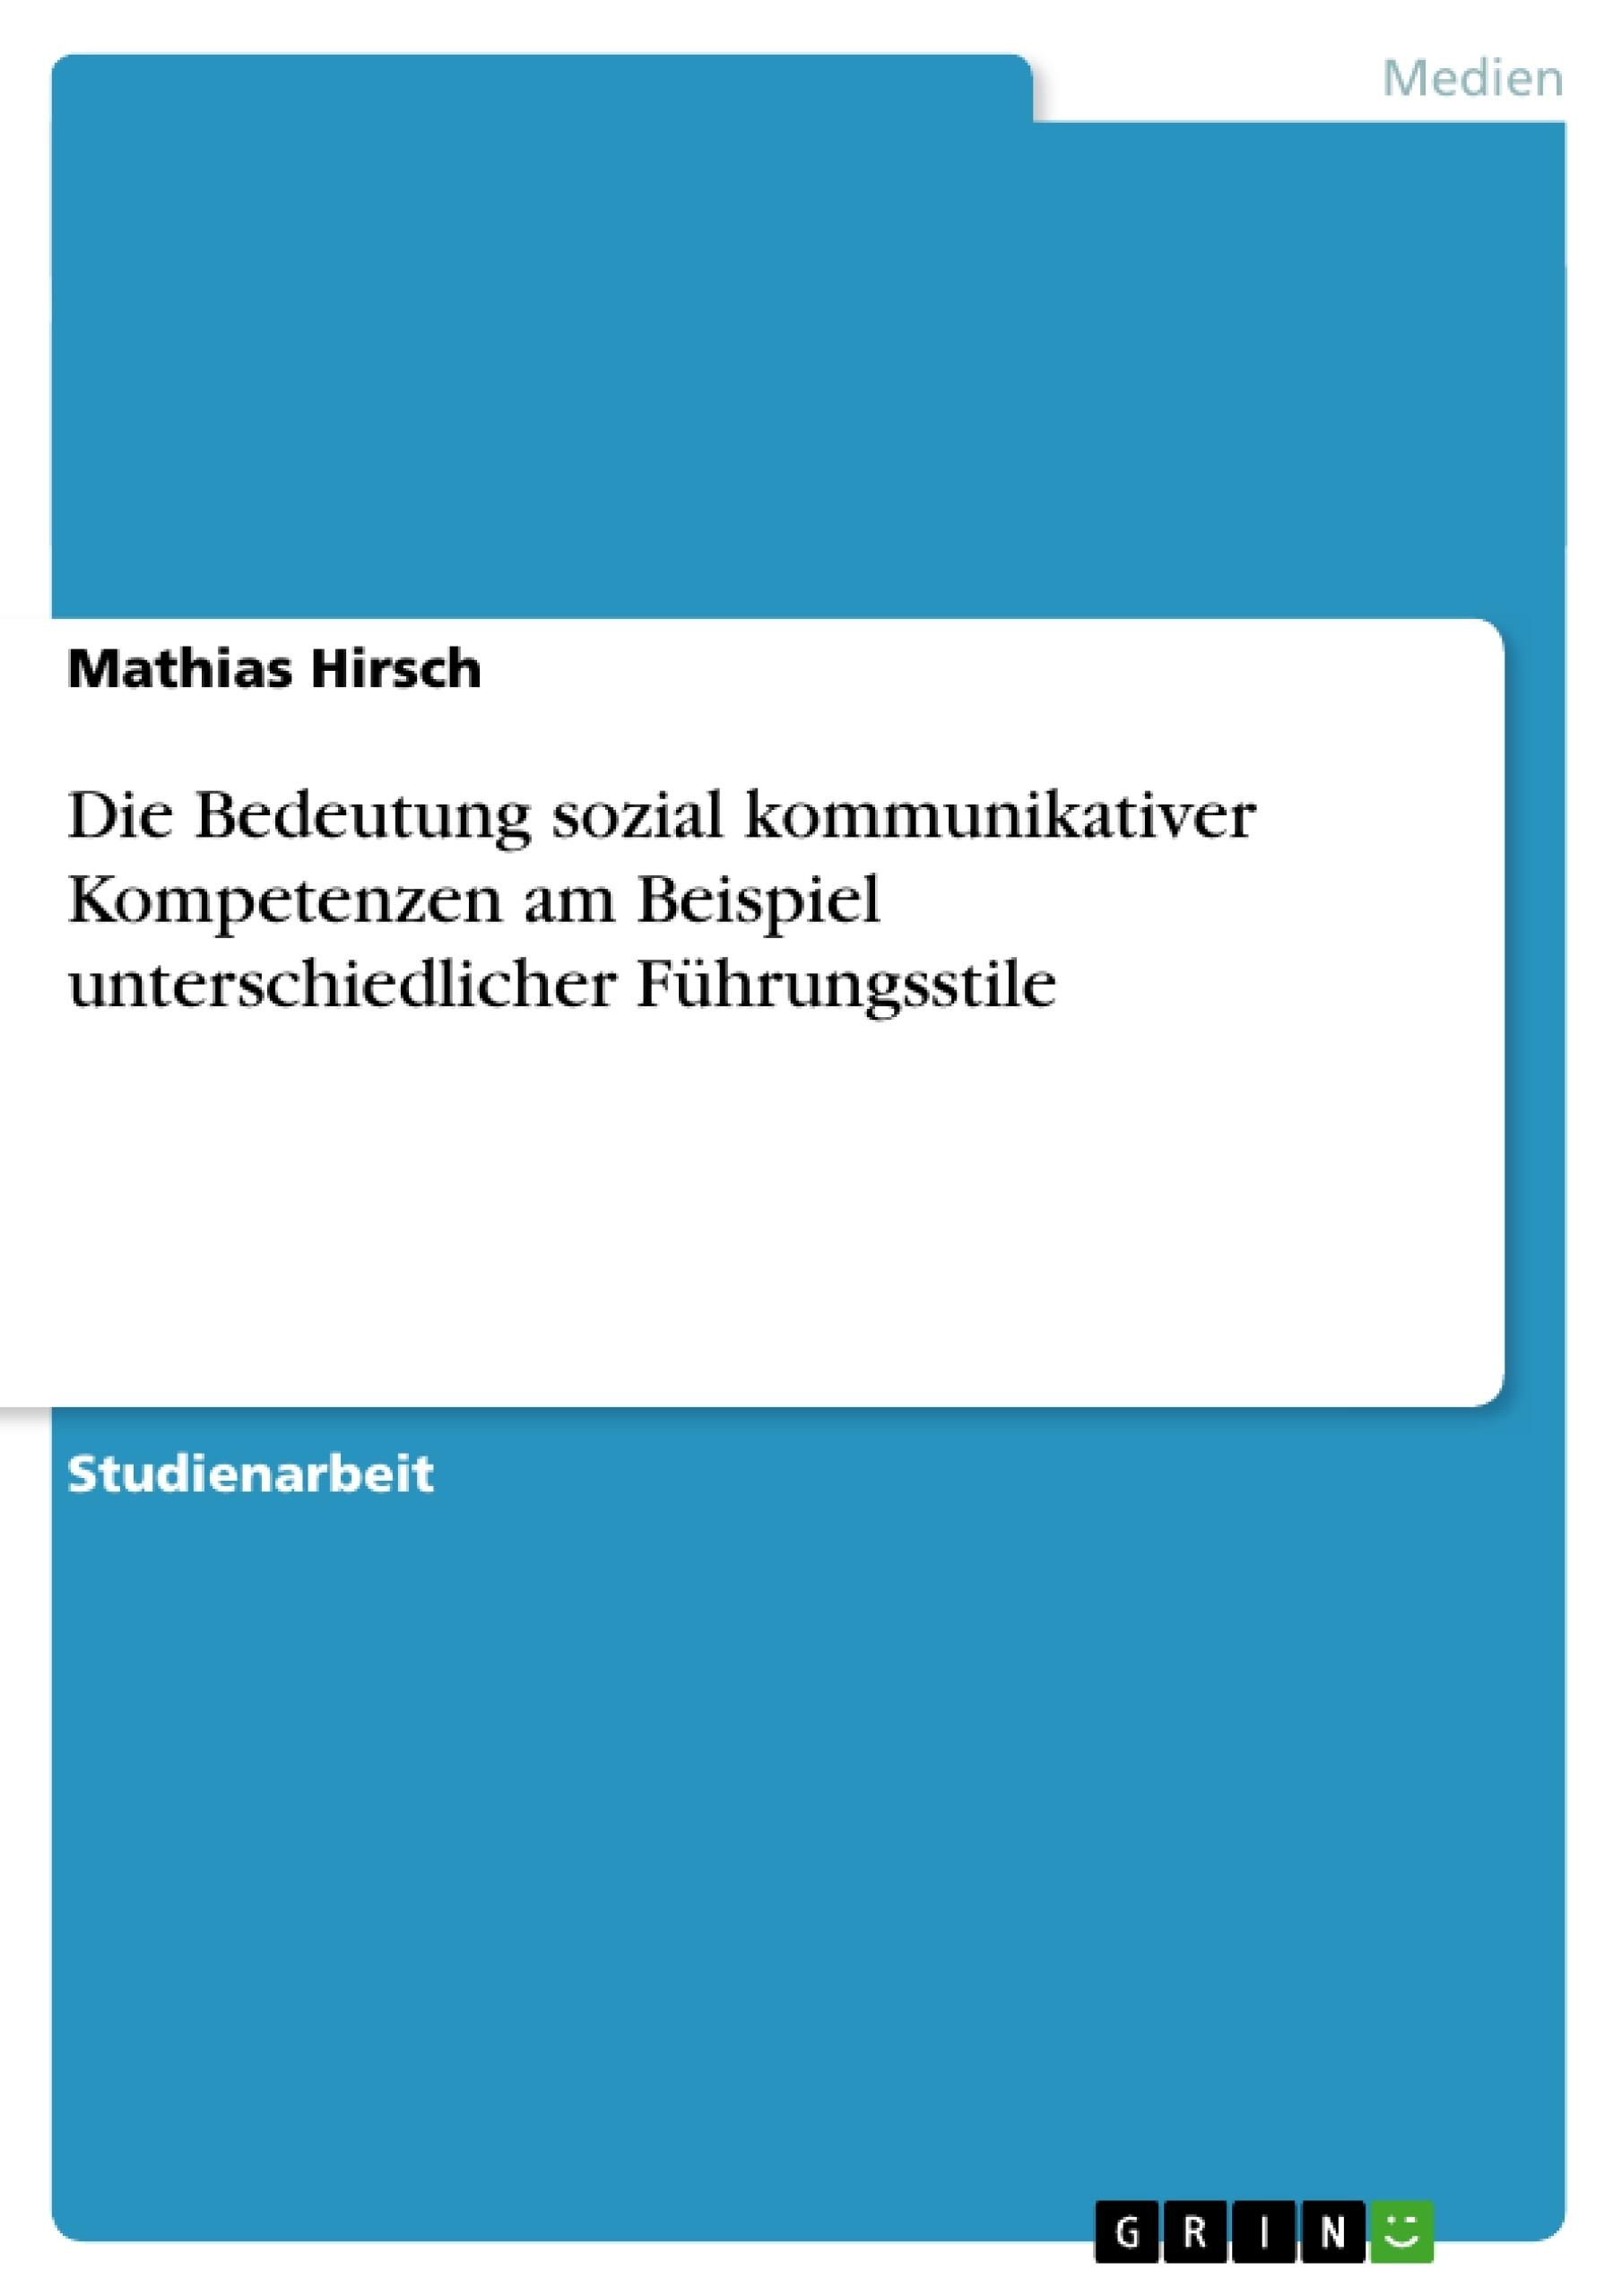 Titel: Die Bedeutung sozial kommunikativer Kompetenzen am Beispiel unterschiedlicher Führungsstile